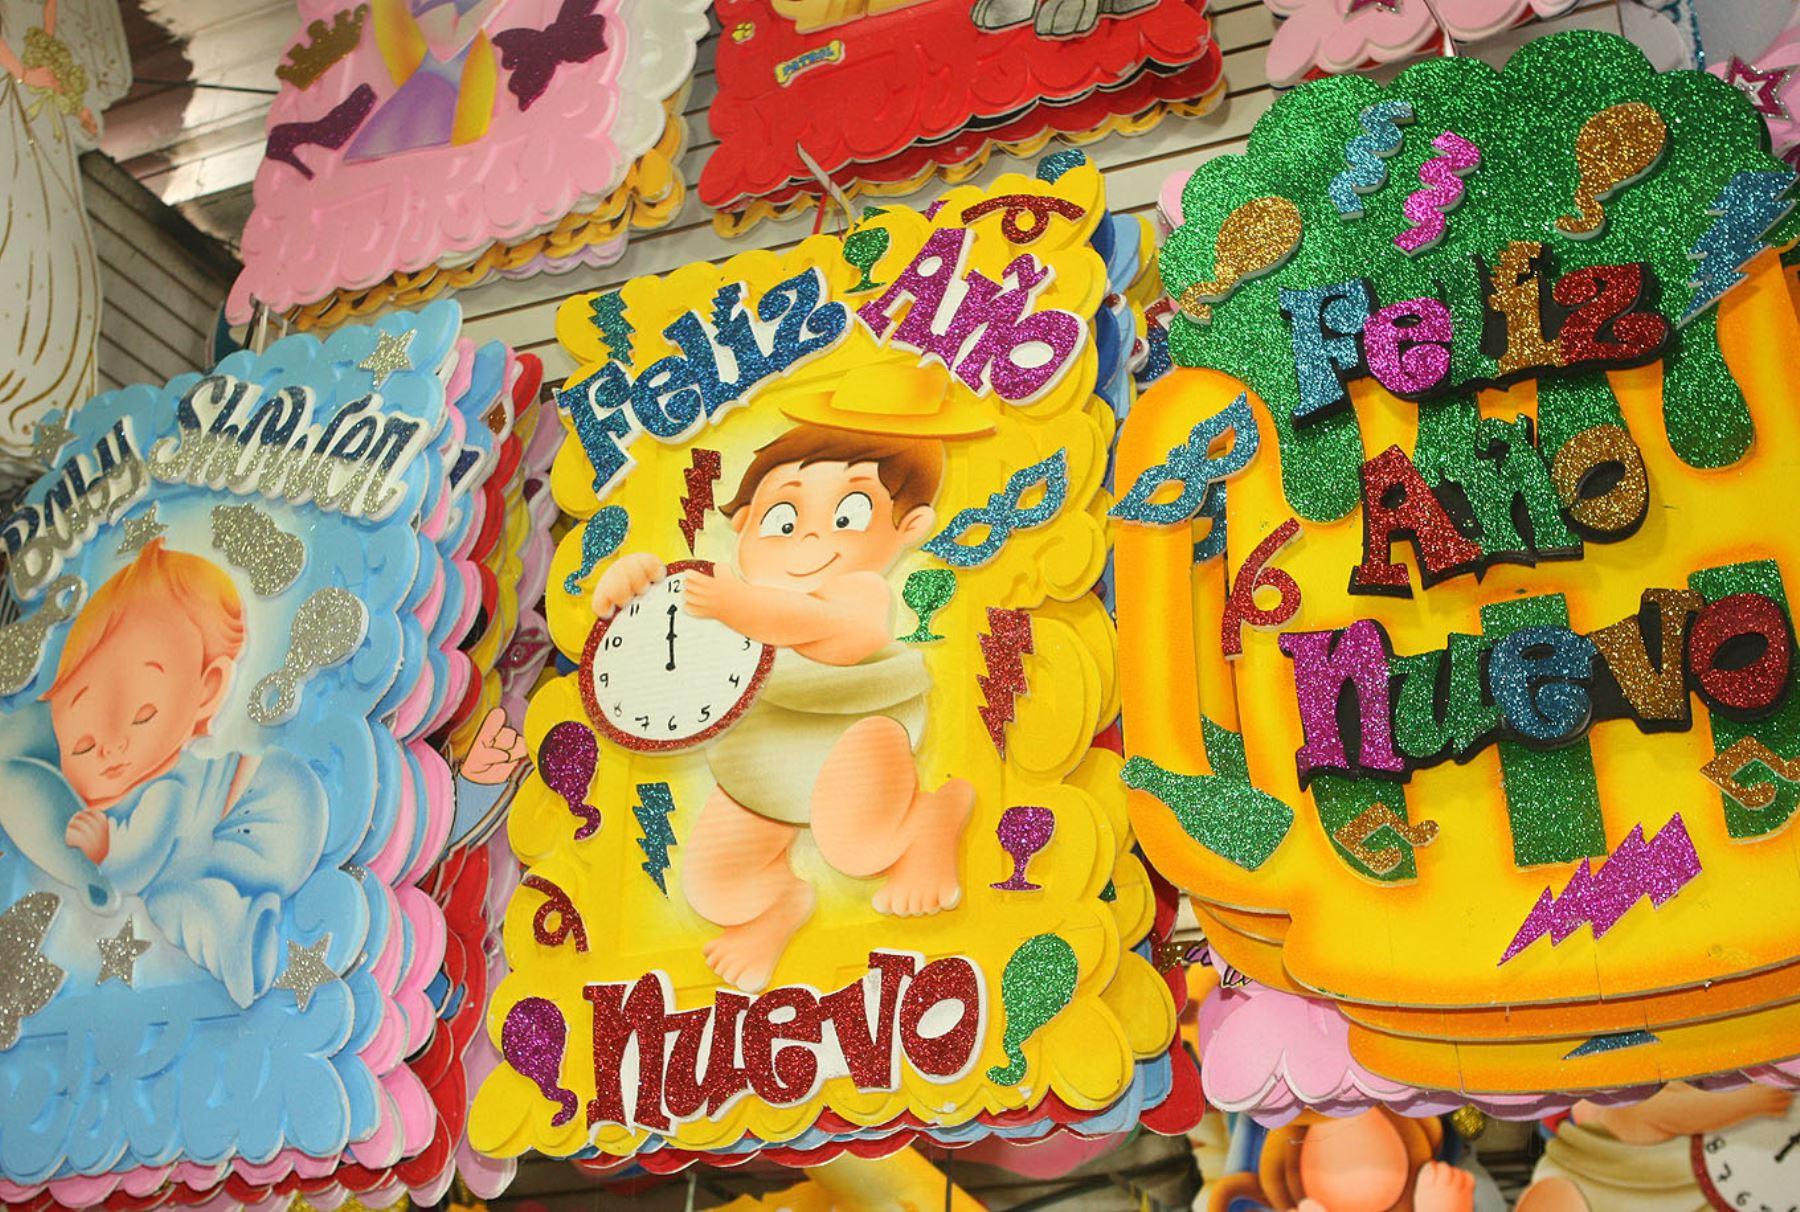 Mesa Redonda ofrece el cotillón necesario para celebrar llegada del nuevo año. Foto:ANDINA/Héctor Vinces